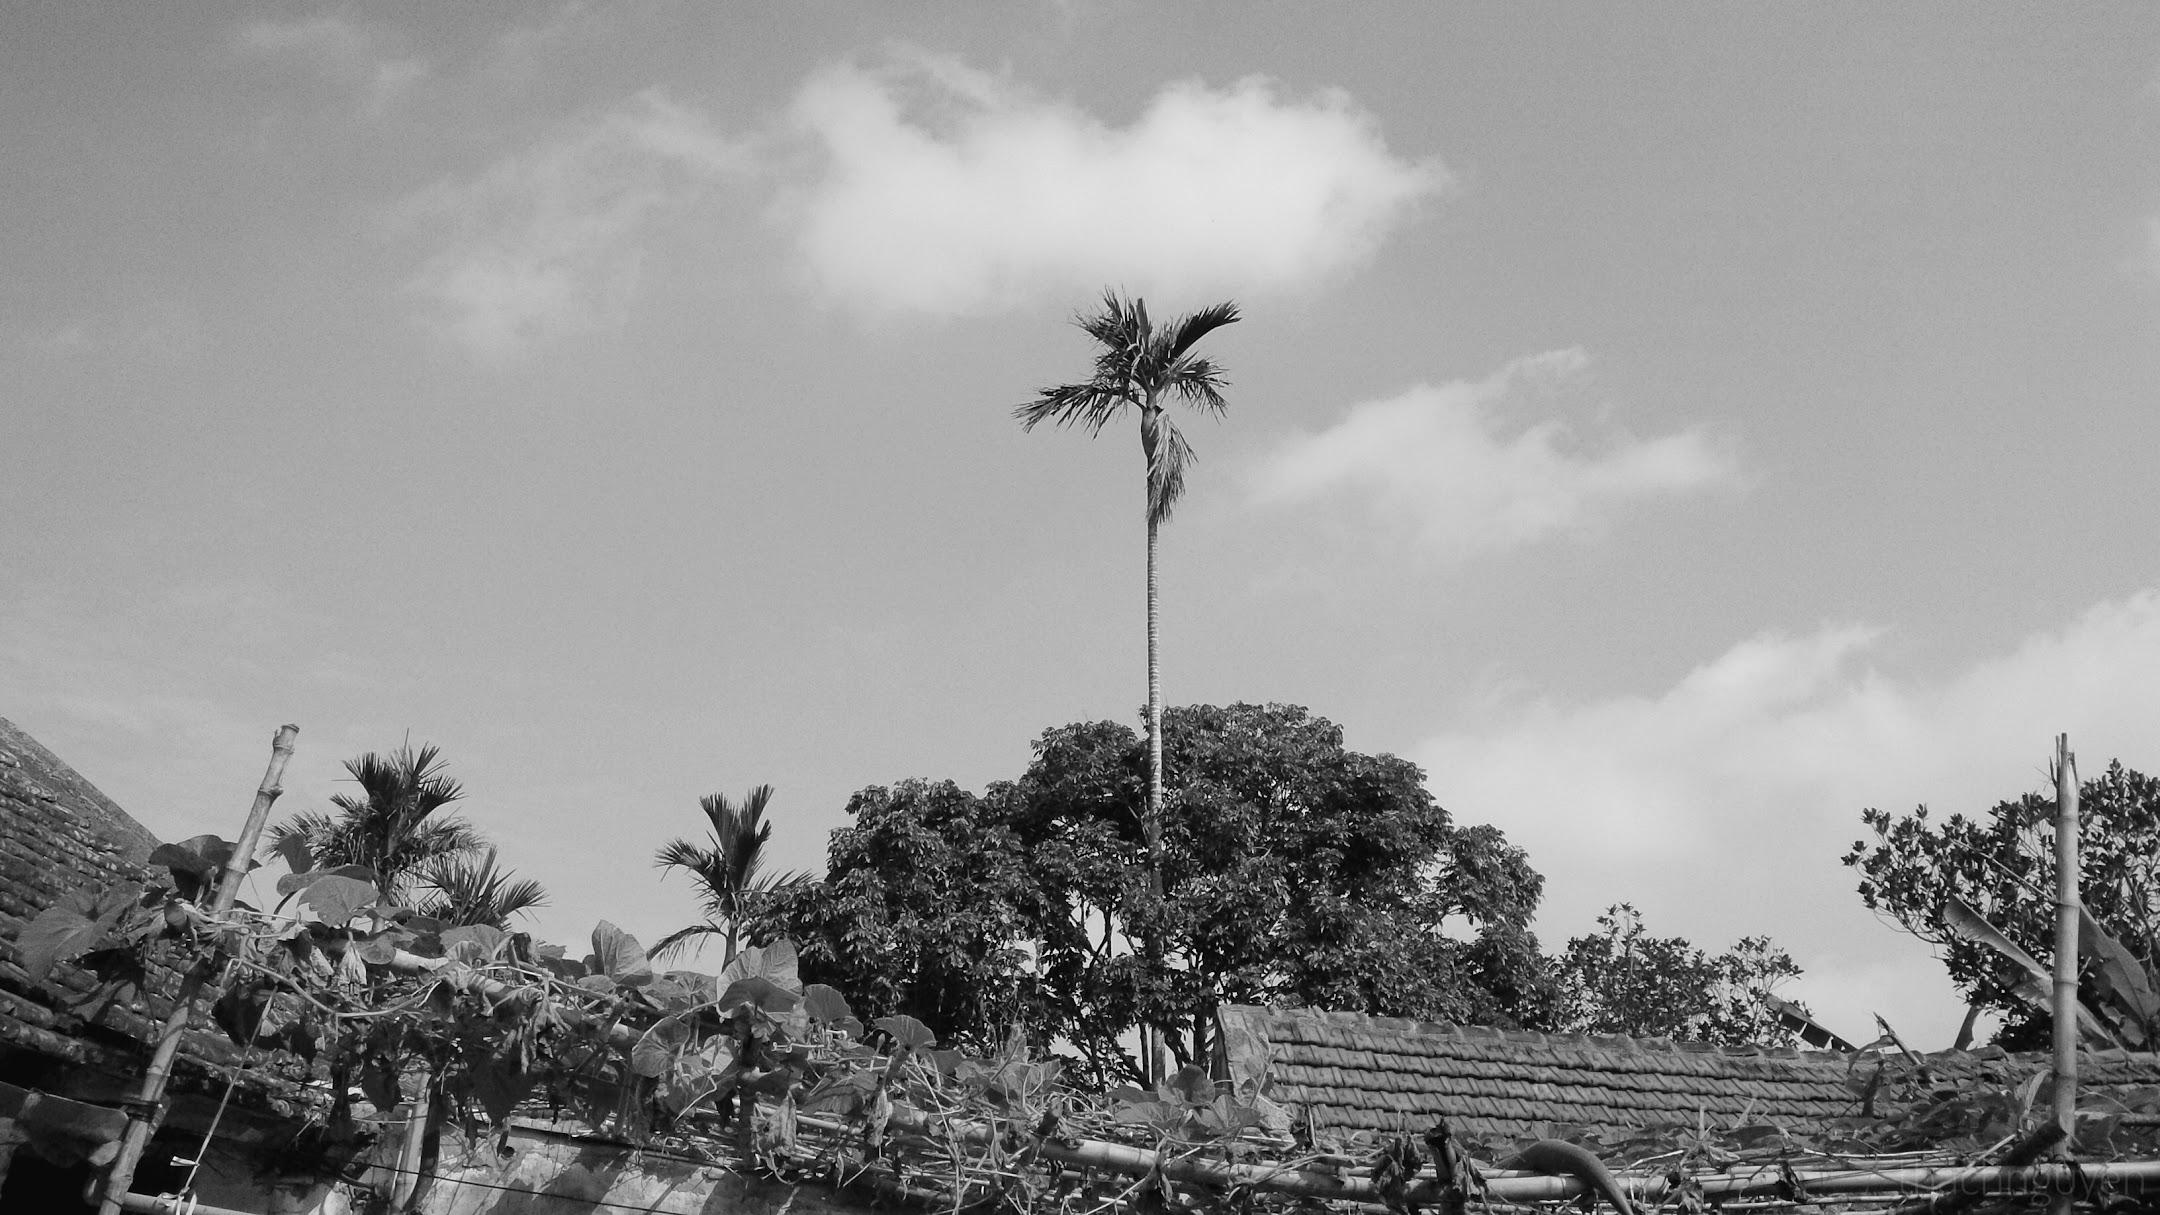 cây cau, hiên ngang giữa trời